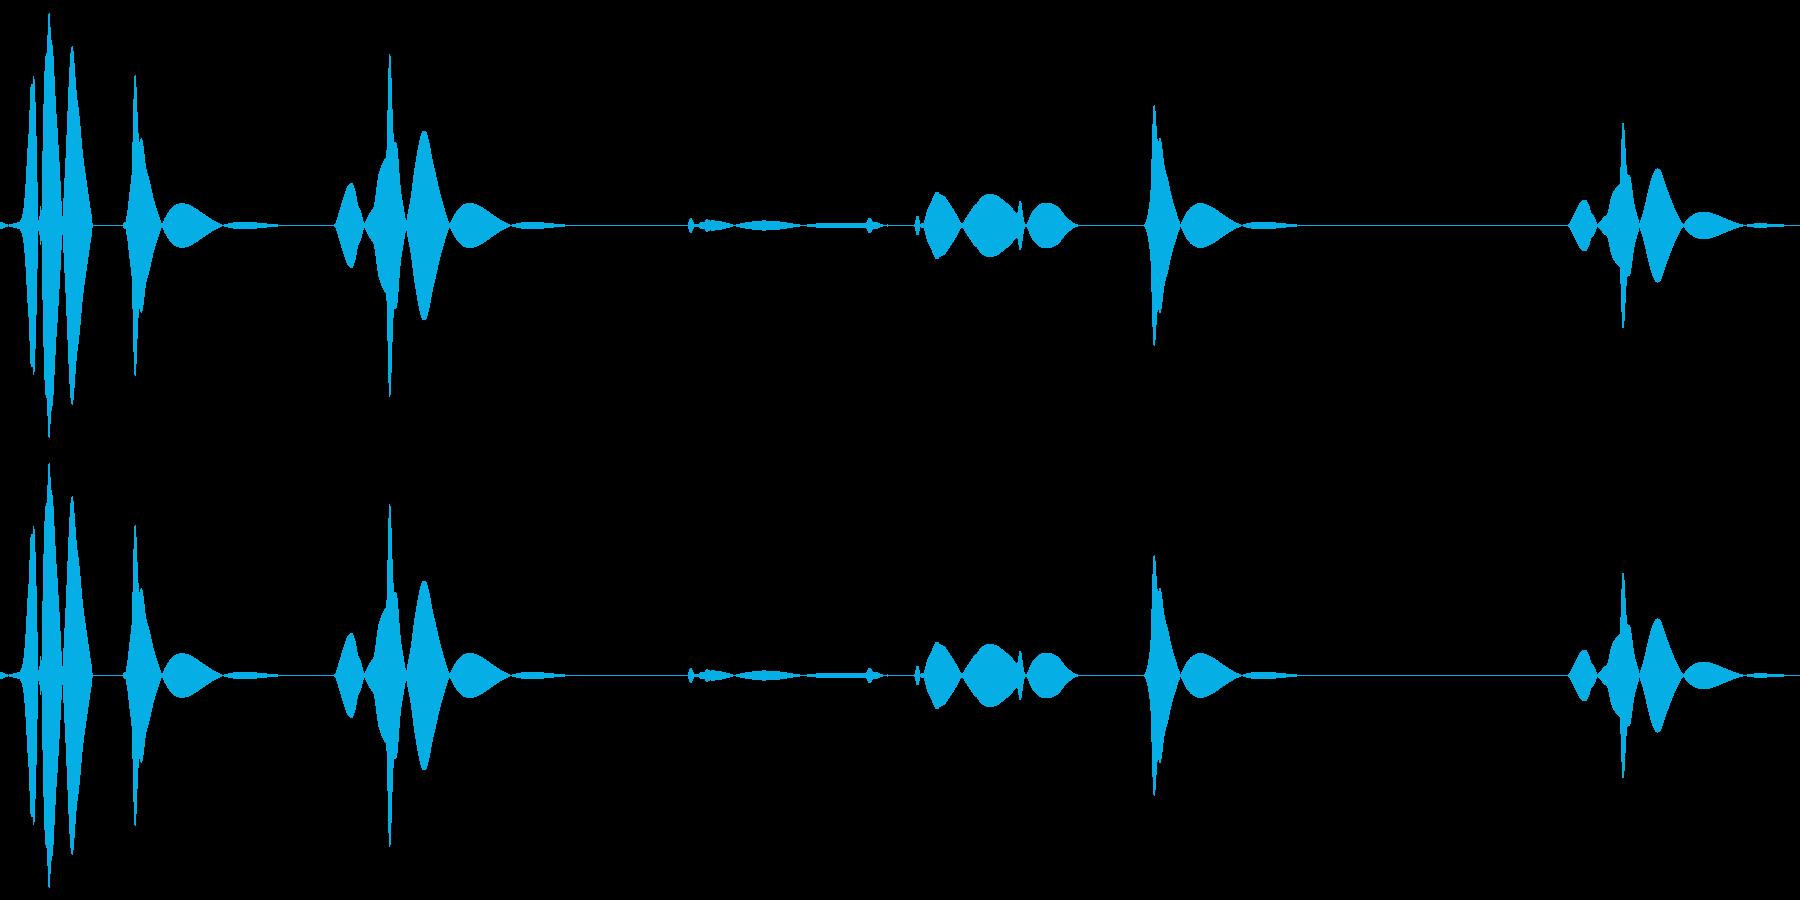 ブツッ:電話が切れる音の再生済みの波形